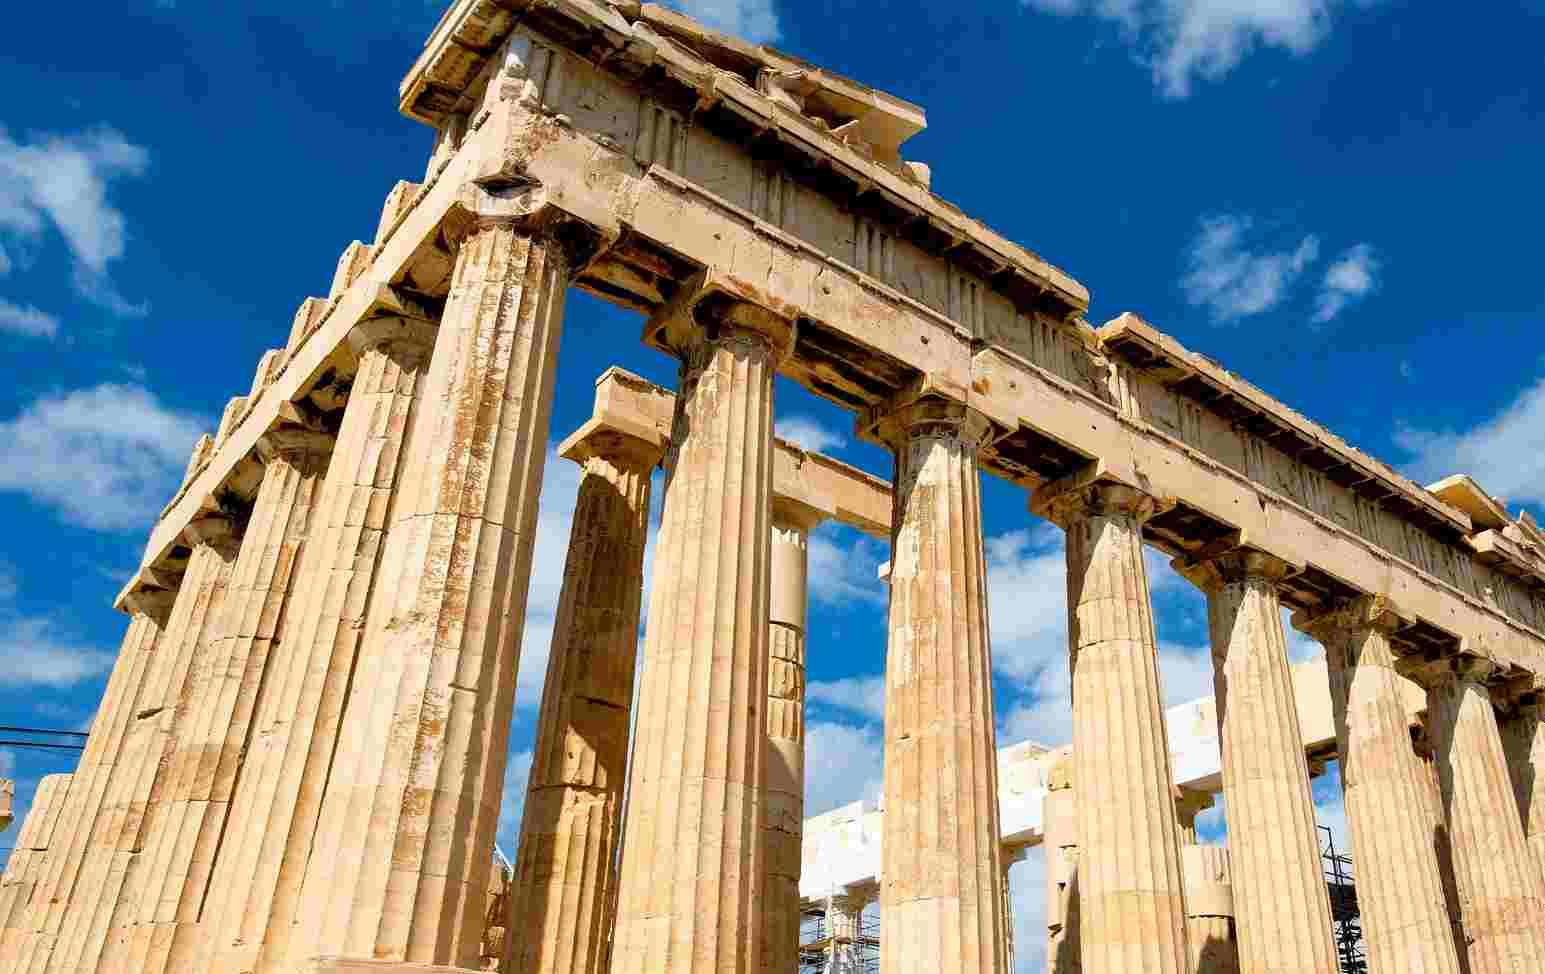 Imagen de las columnas del Partenón del Acrópolis de Atenas